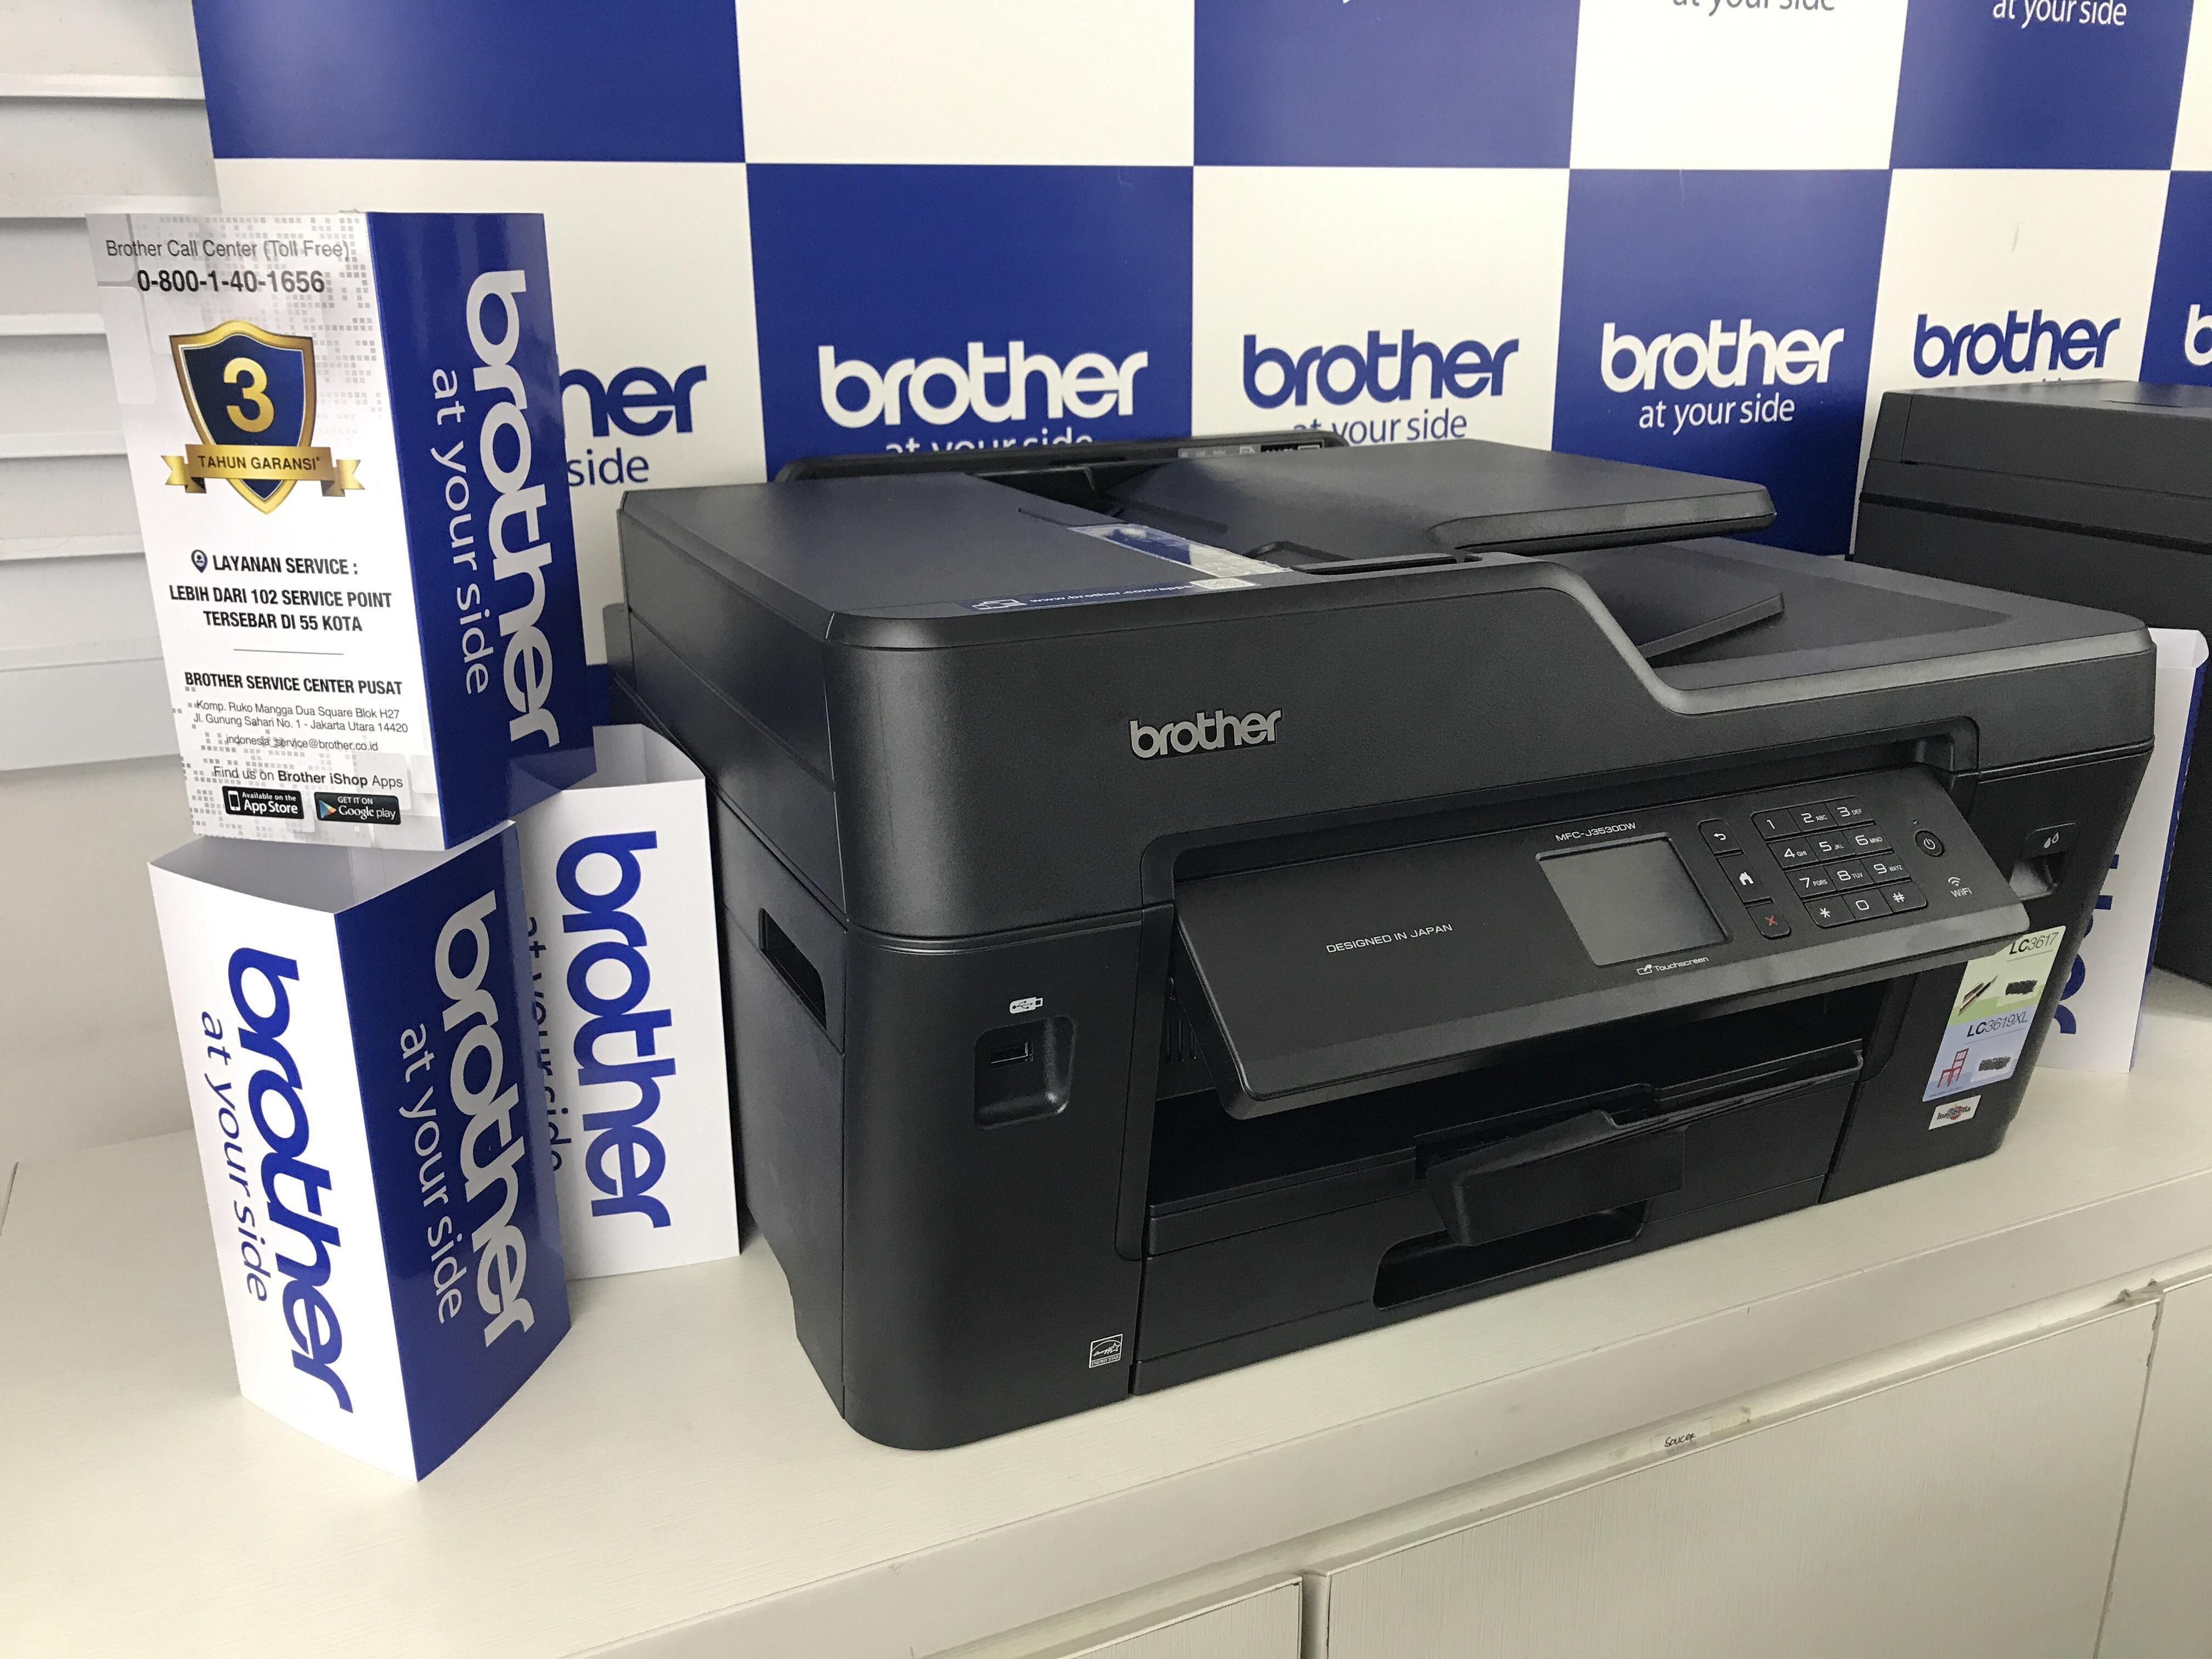 Mencari Printer A3 Multifungsi Untuk Kantor Industri Kreatif dan Desain